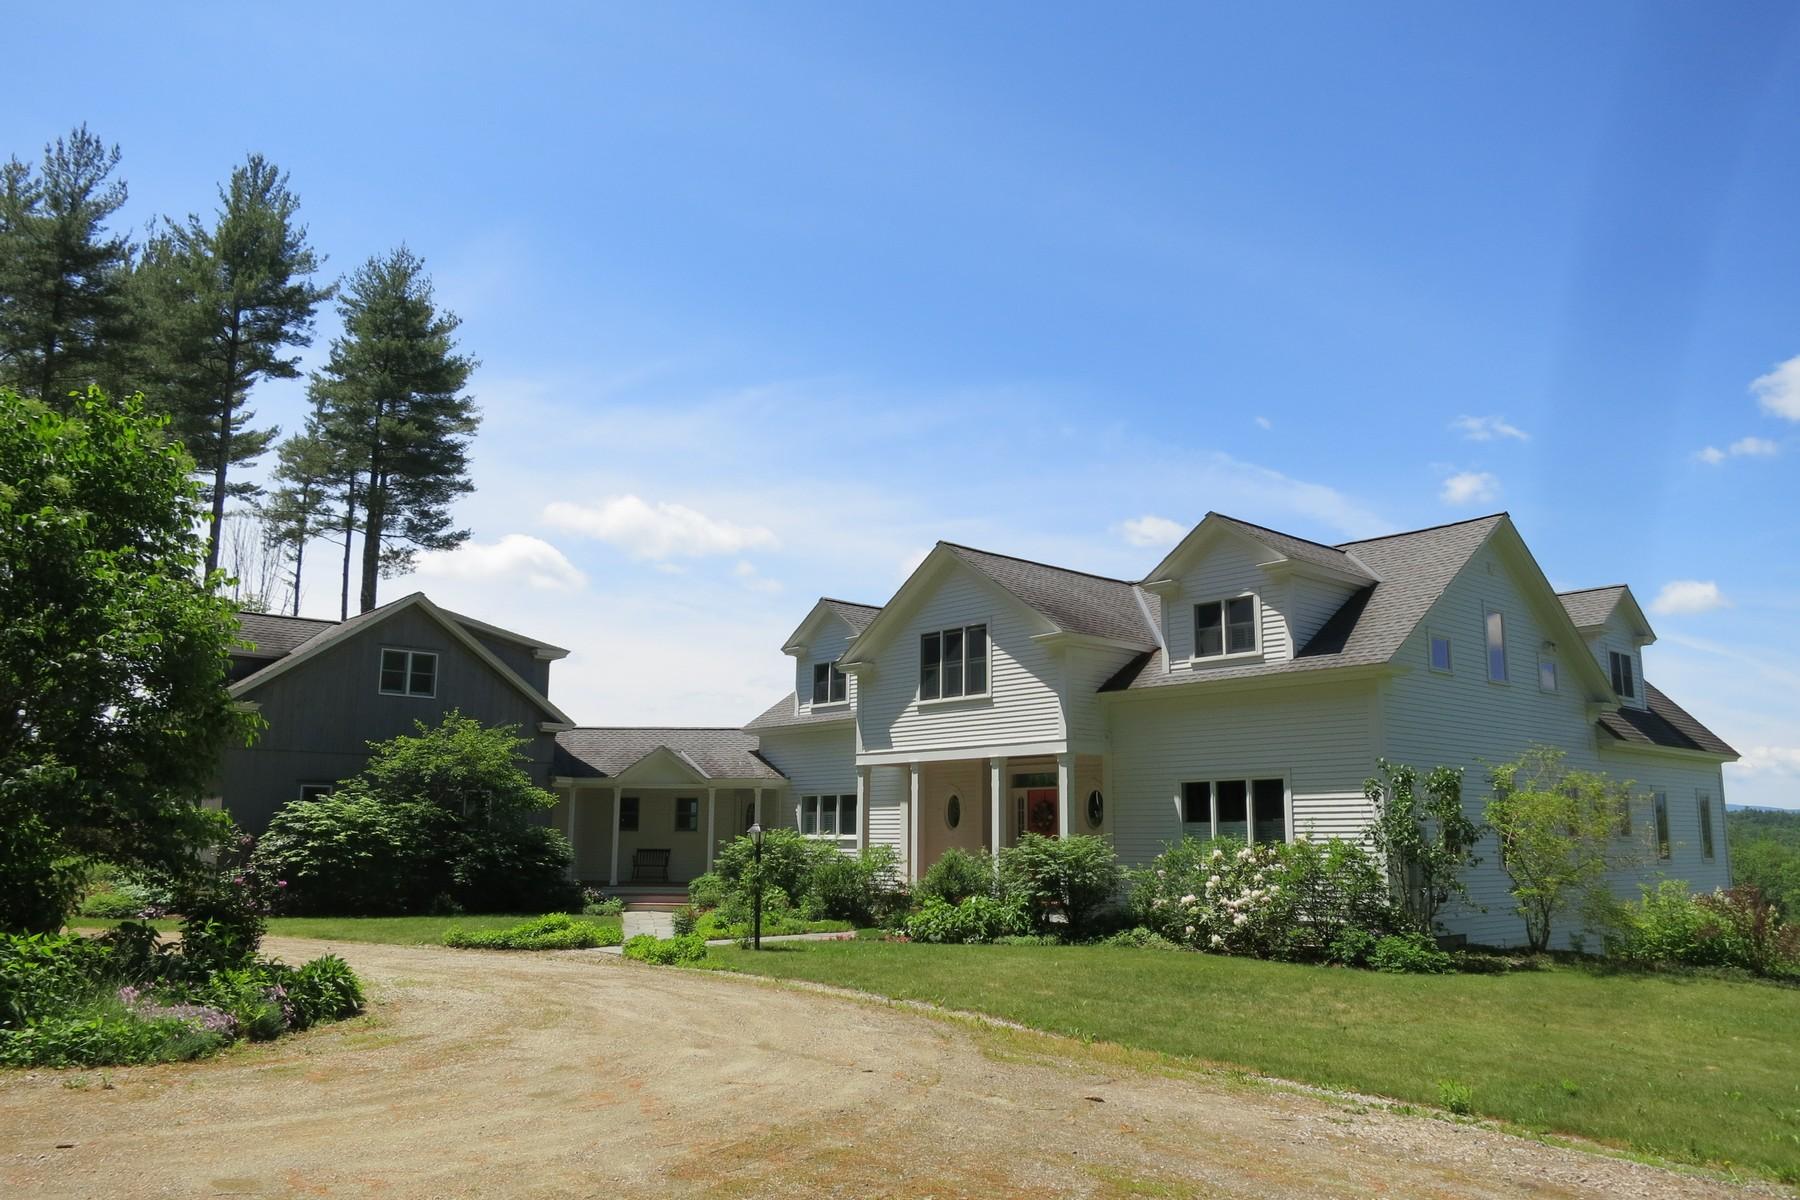 Maison unifamiliale pour l Vente à 2070 Under The Mountain Road, Londonderry 2070 Under The Mountain Rd Londonderry, Vermont, 05155 États-Unis